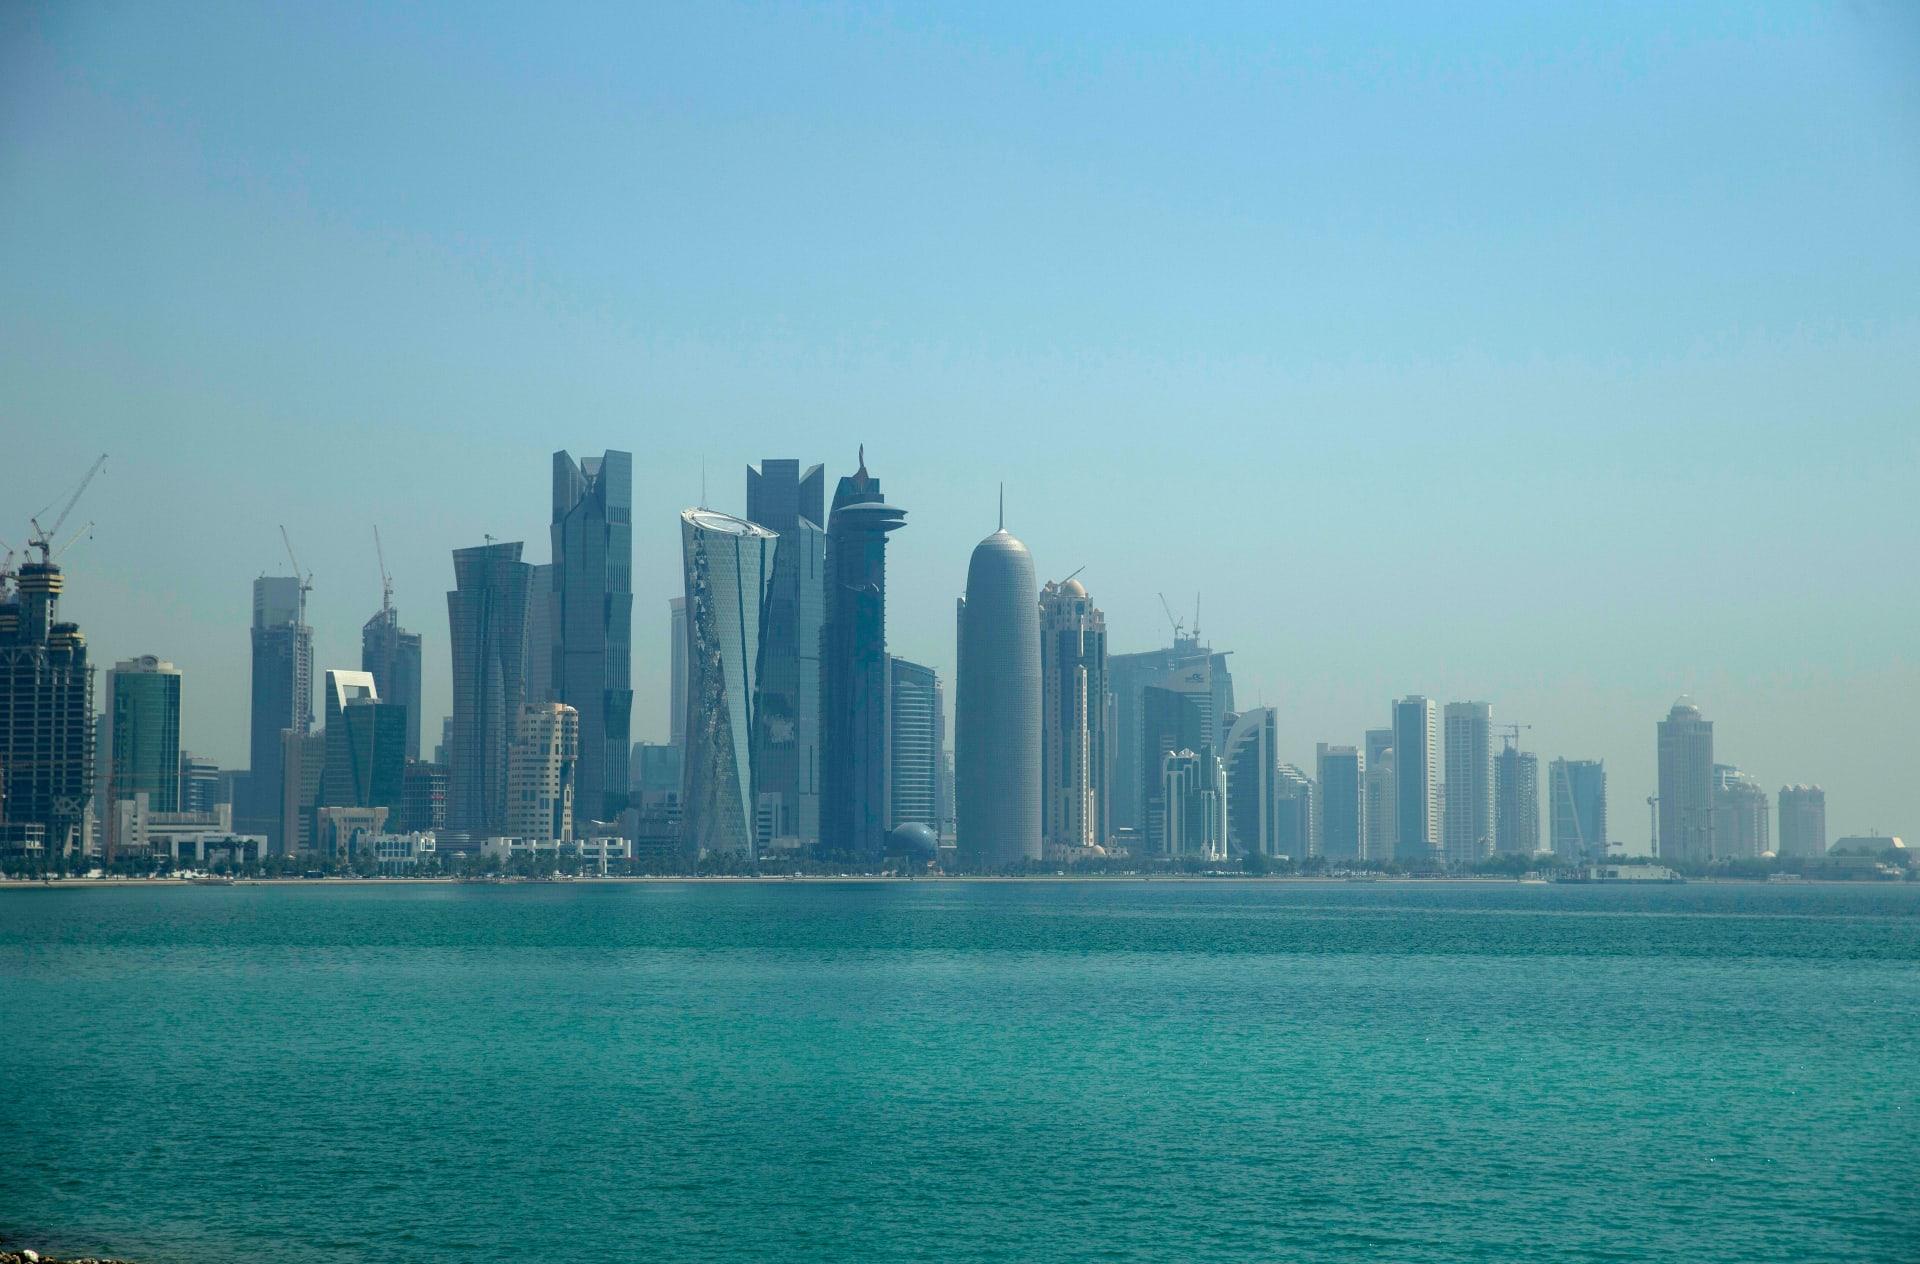 إسرائيلي يزور قطر: أشعر بالأمان في الدوحة مع أولاد عمنا المسلمين